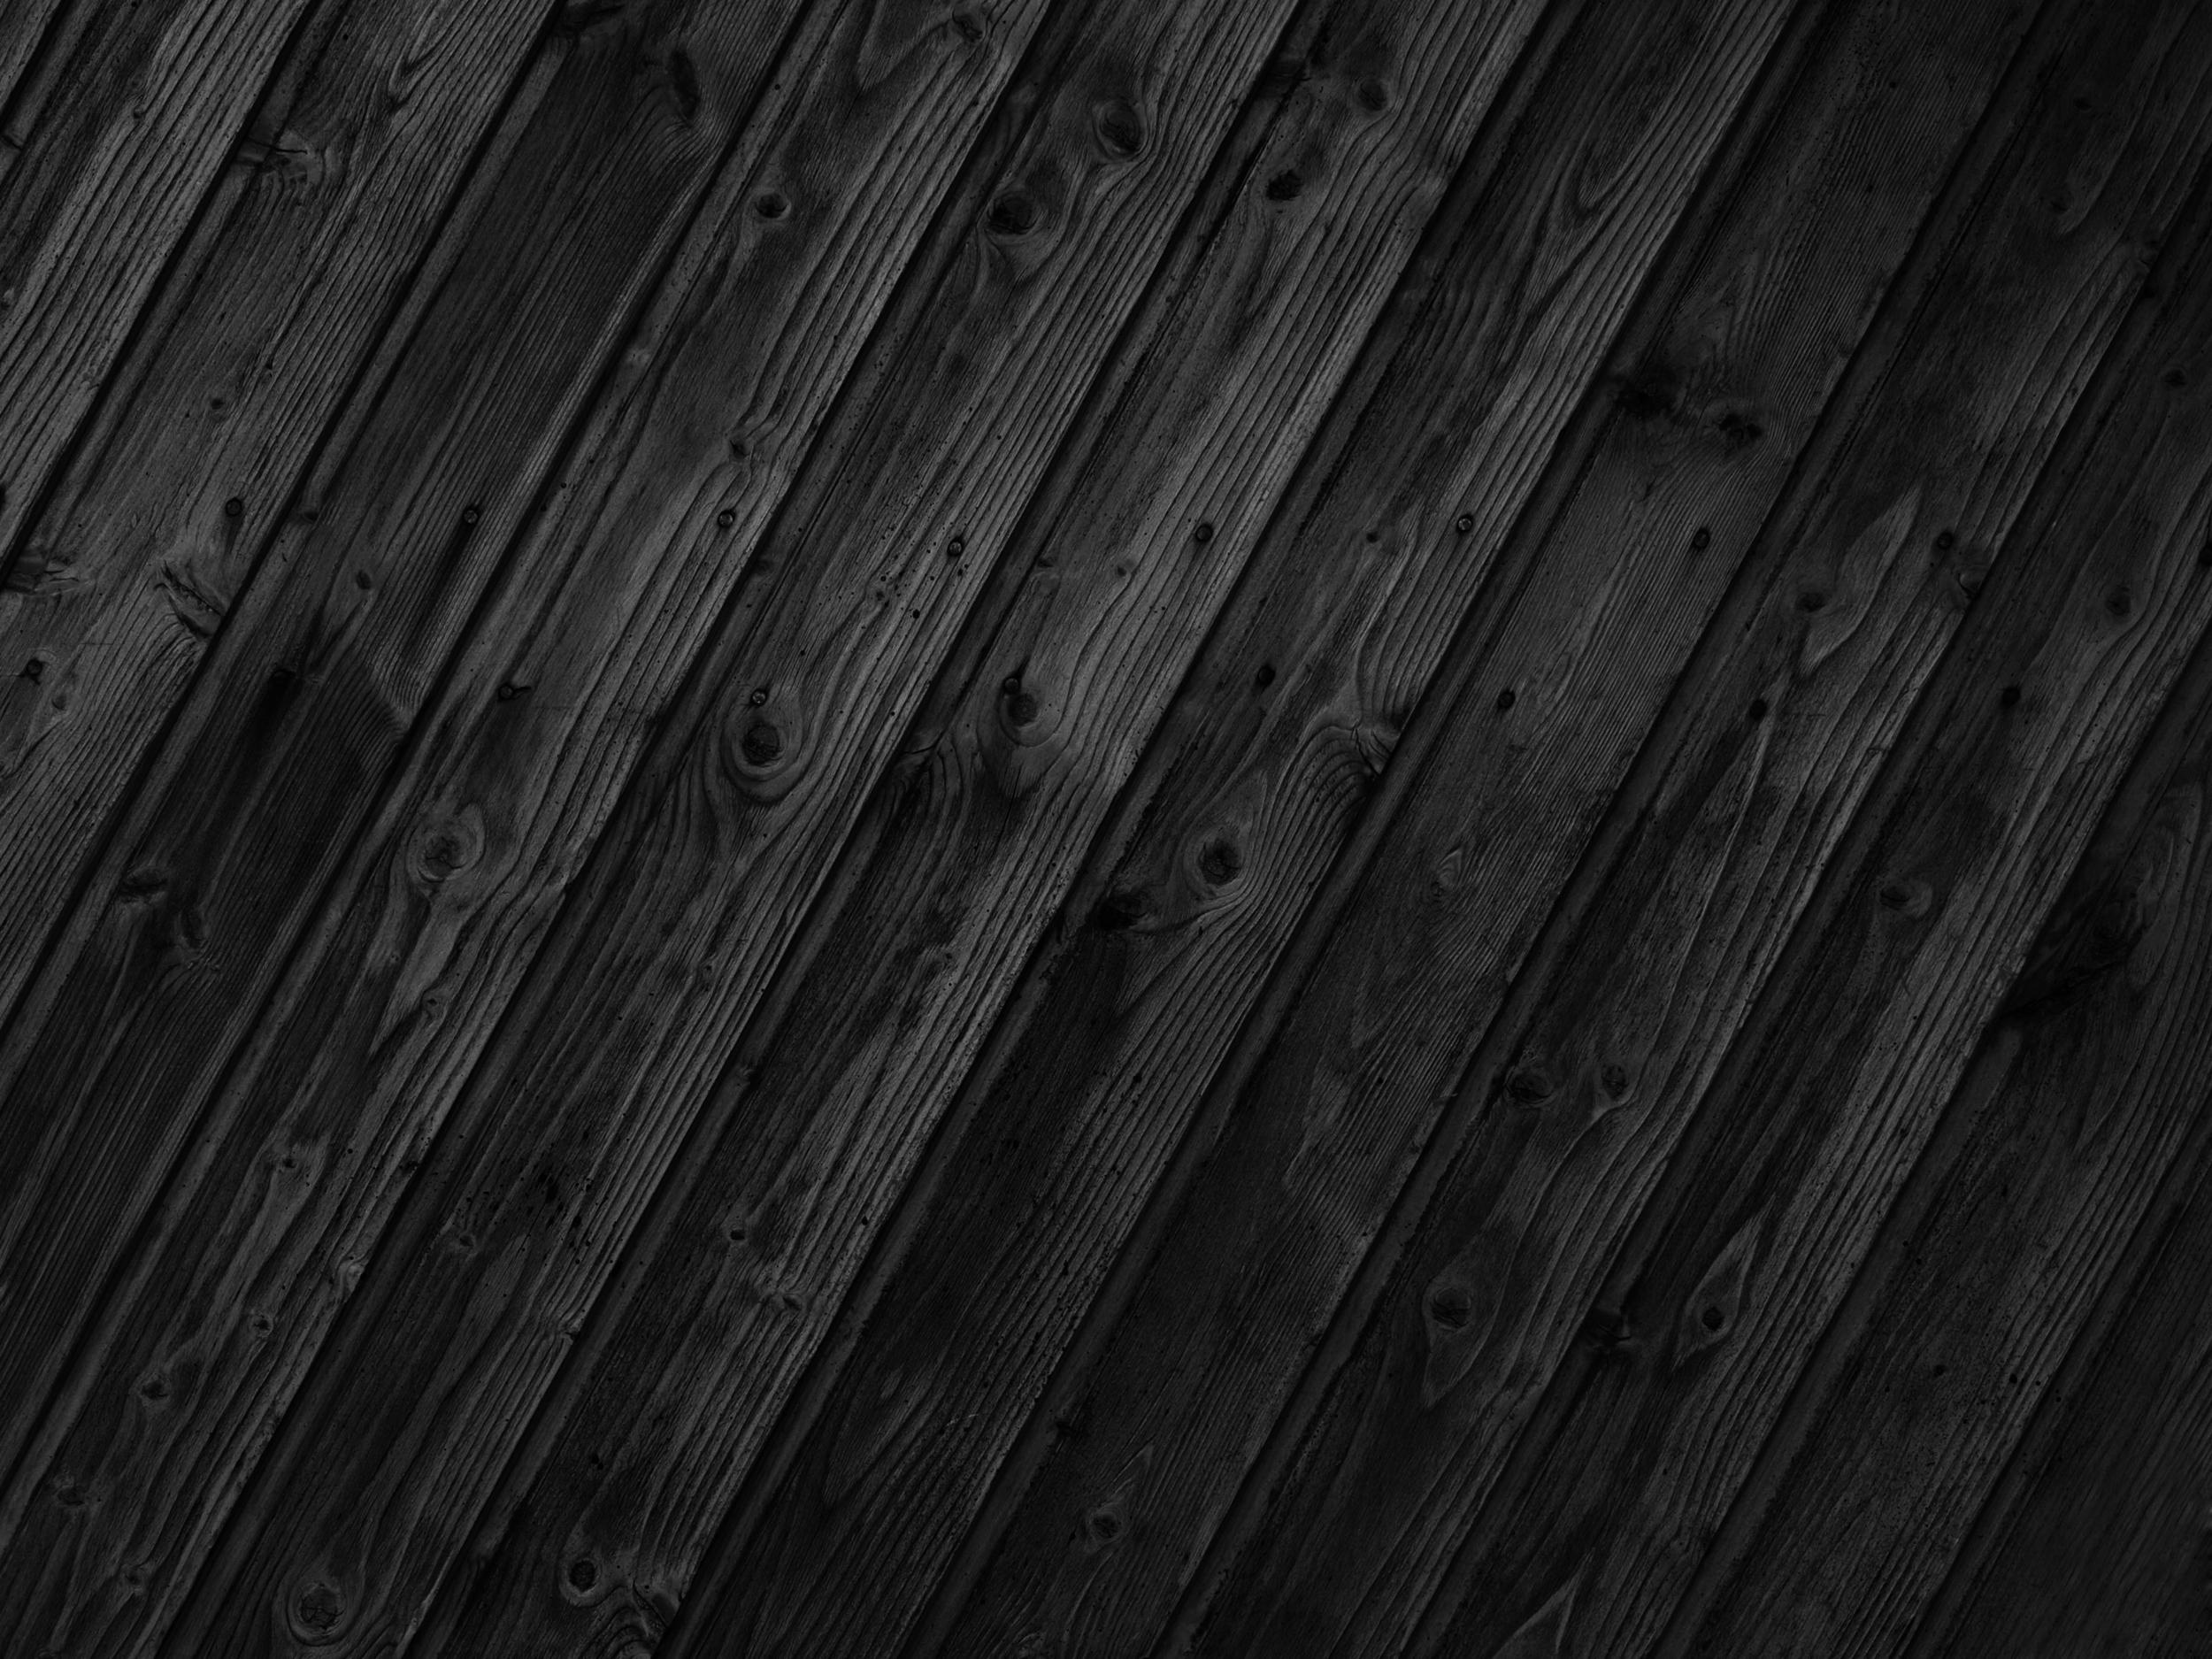 Black Wood Wallpapers Hd